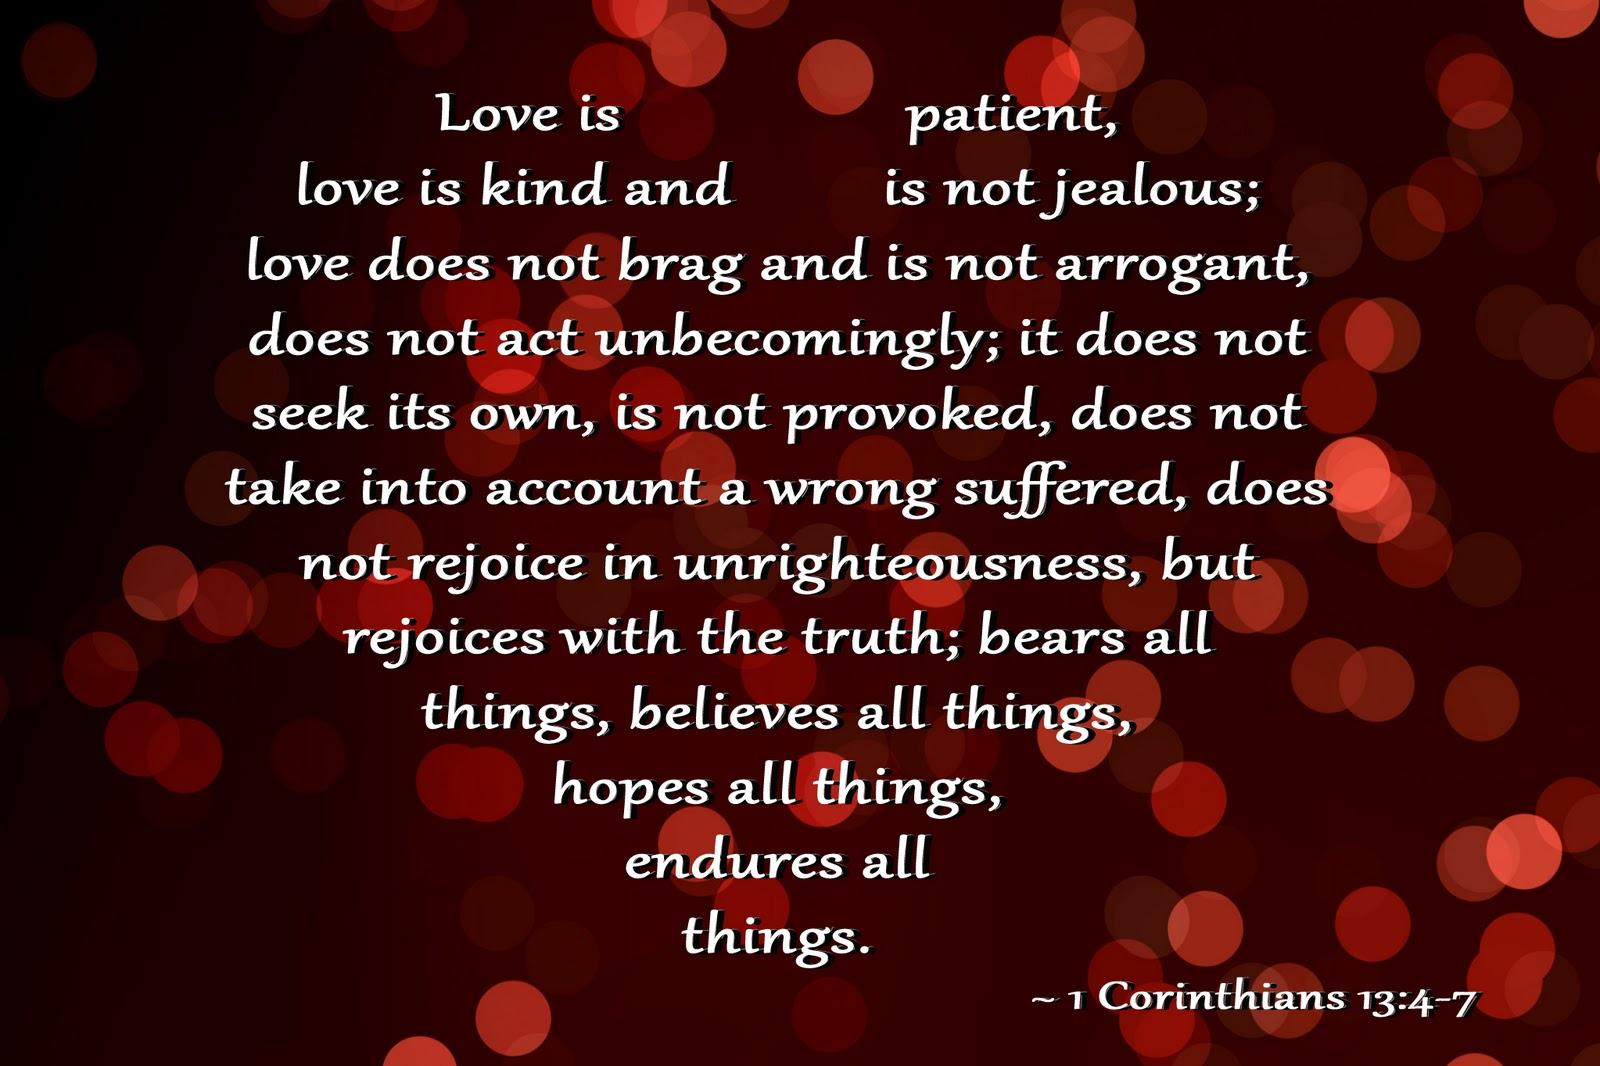 Quotes About Love 1 Corinthians : ... /Tsm3-LLtq9I/AAAAAAAABDQ/RBx1JShZyuE/s1600/1+Corinthians+13+4-7.jpg